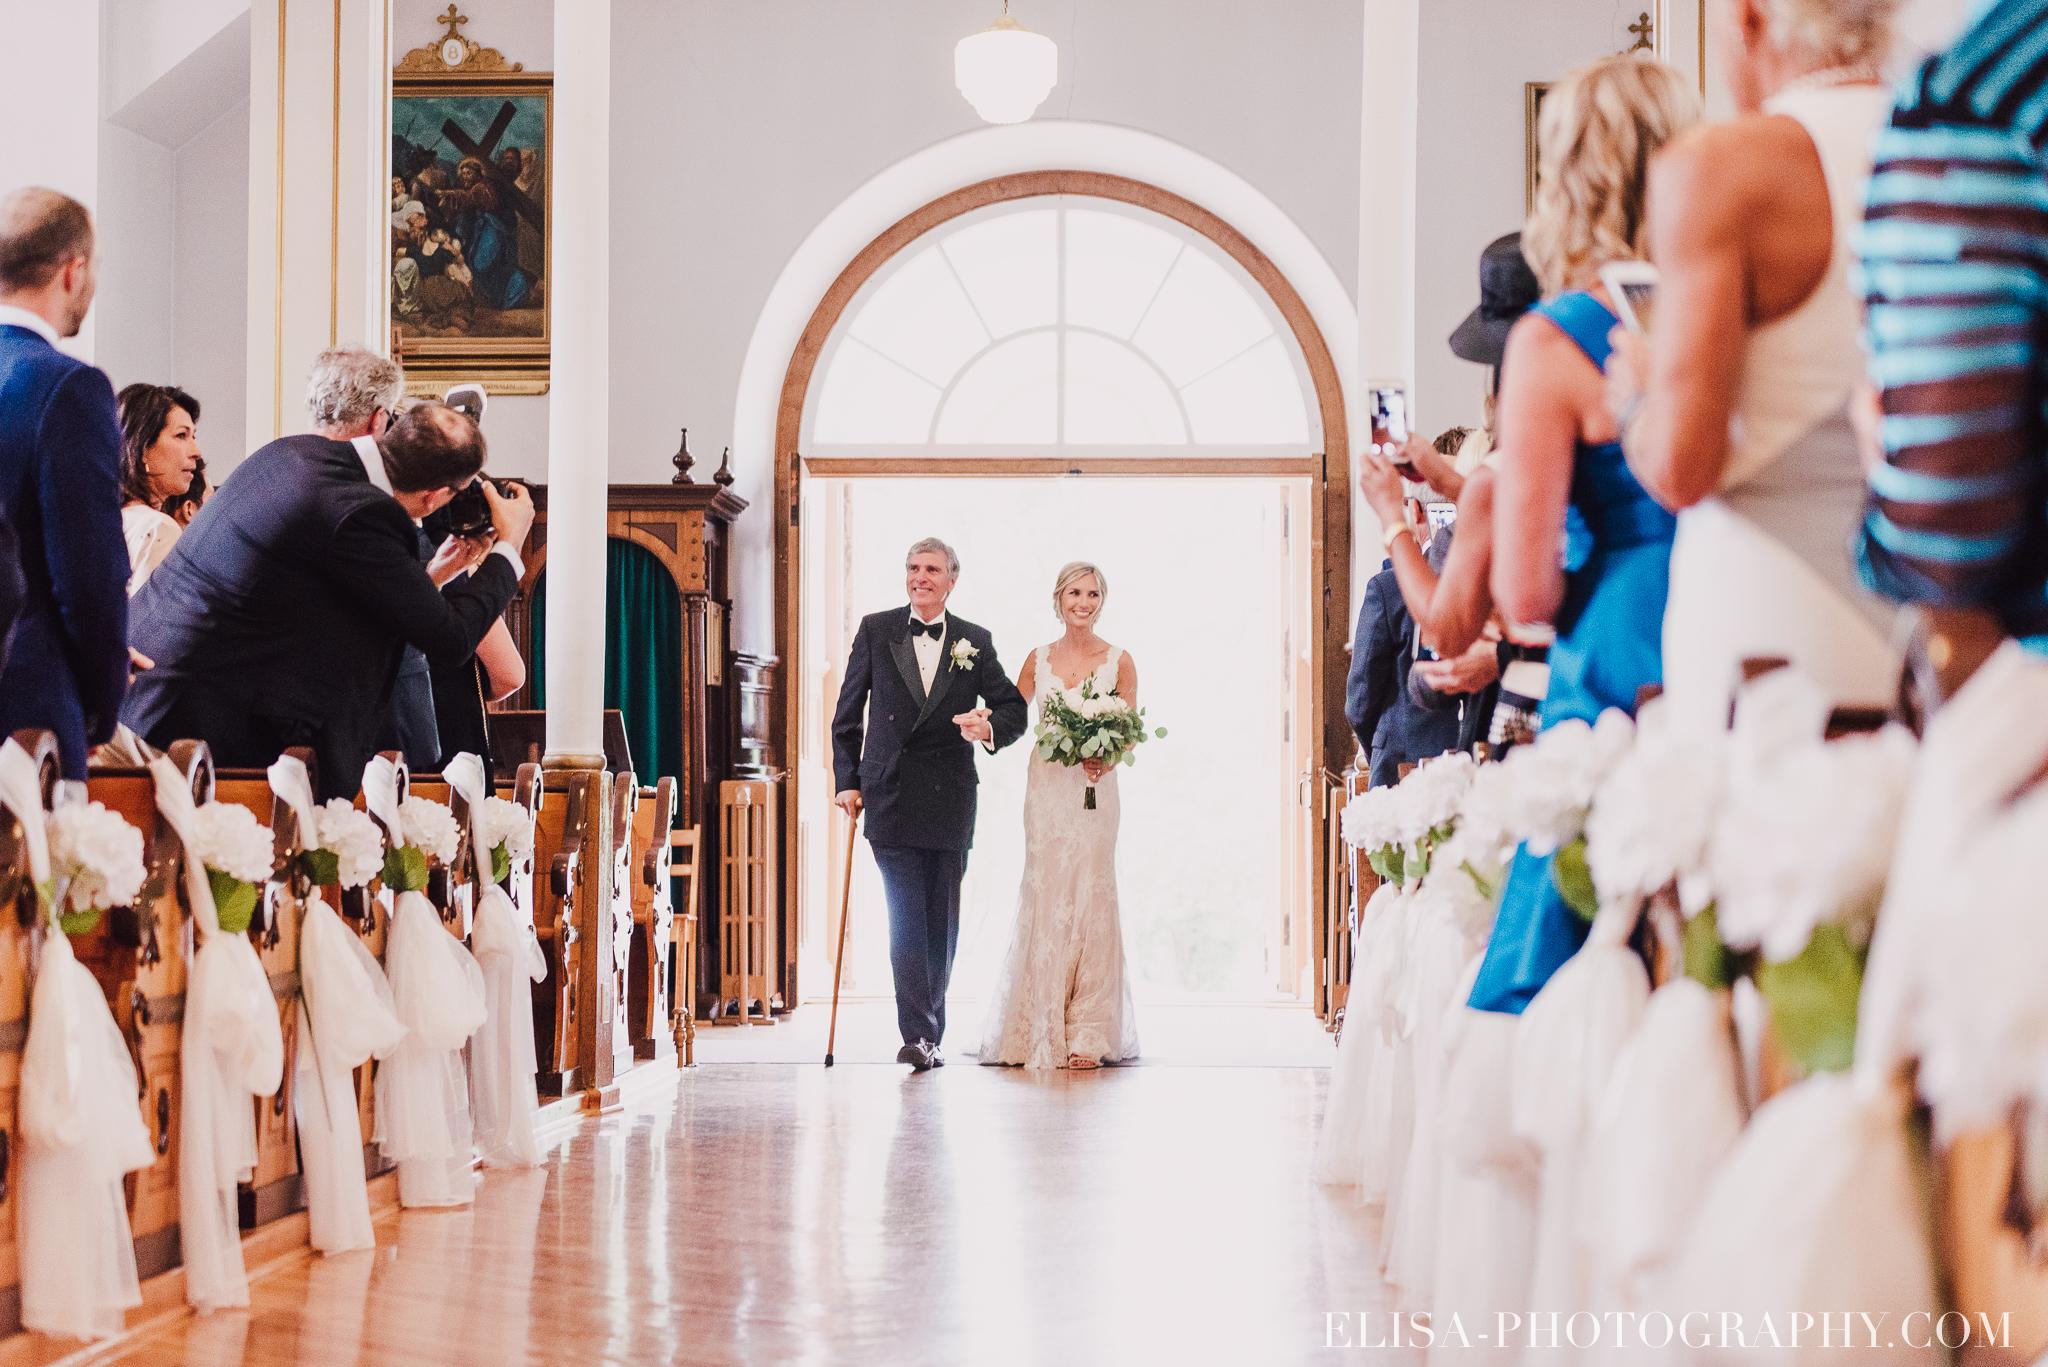 photo mariage entree de la mariee eglise domaine prive estate bord de l eau 3436 - Mariage sur un domaine privé au bord de l'eau: Emmanuelle & Marc-Antoine